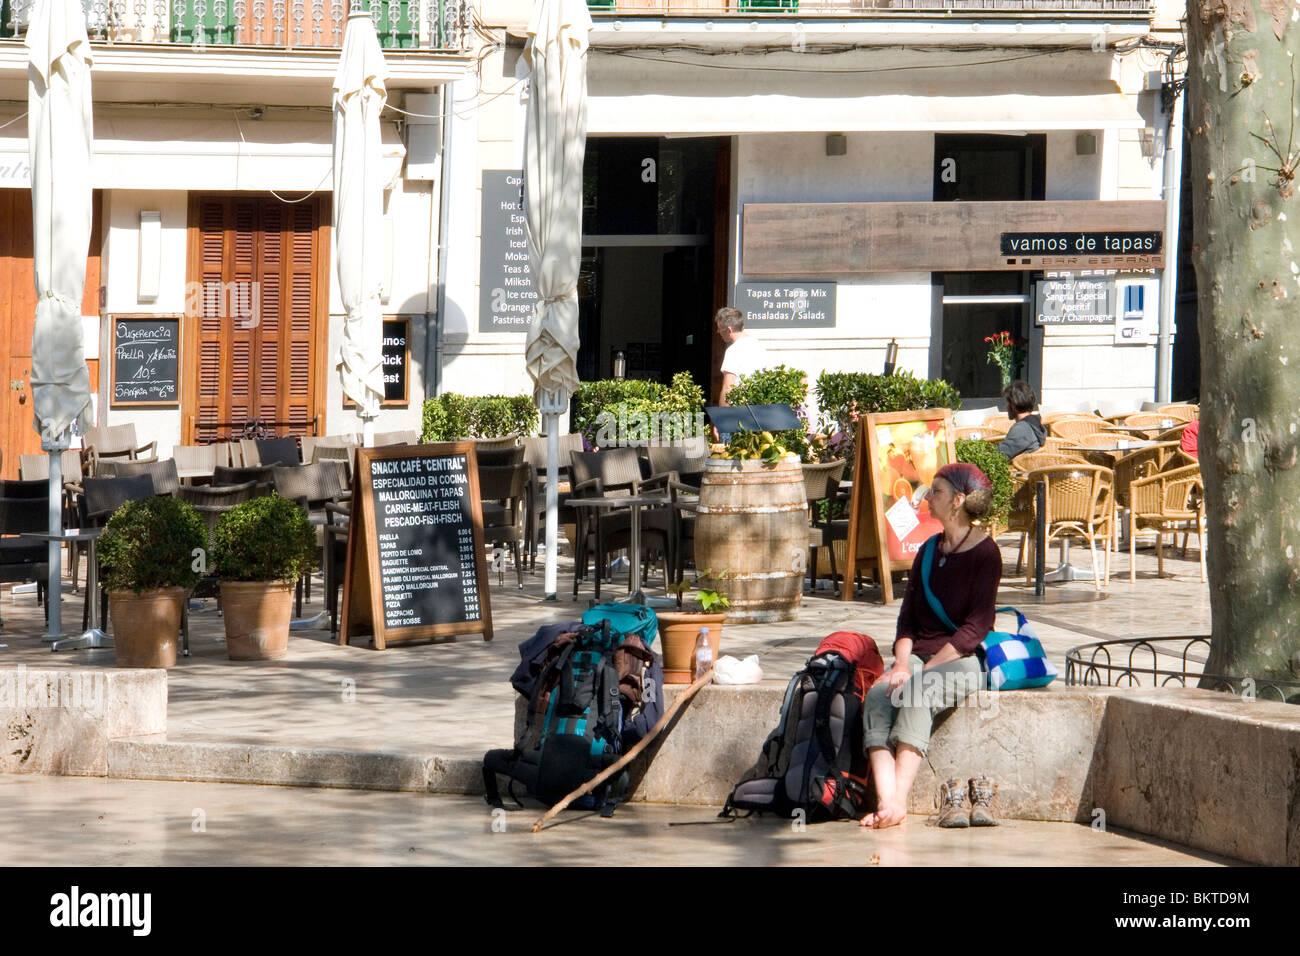 A Lady hiker resting at the main square of Soller (Majorca - Spain). Randonneuse se reposant sur la place principale - Stock Image